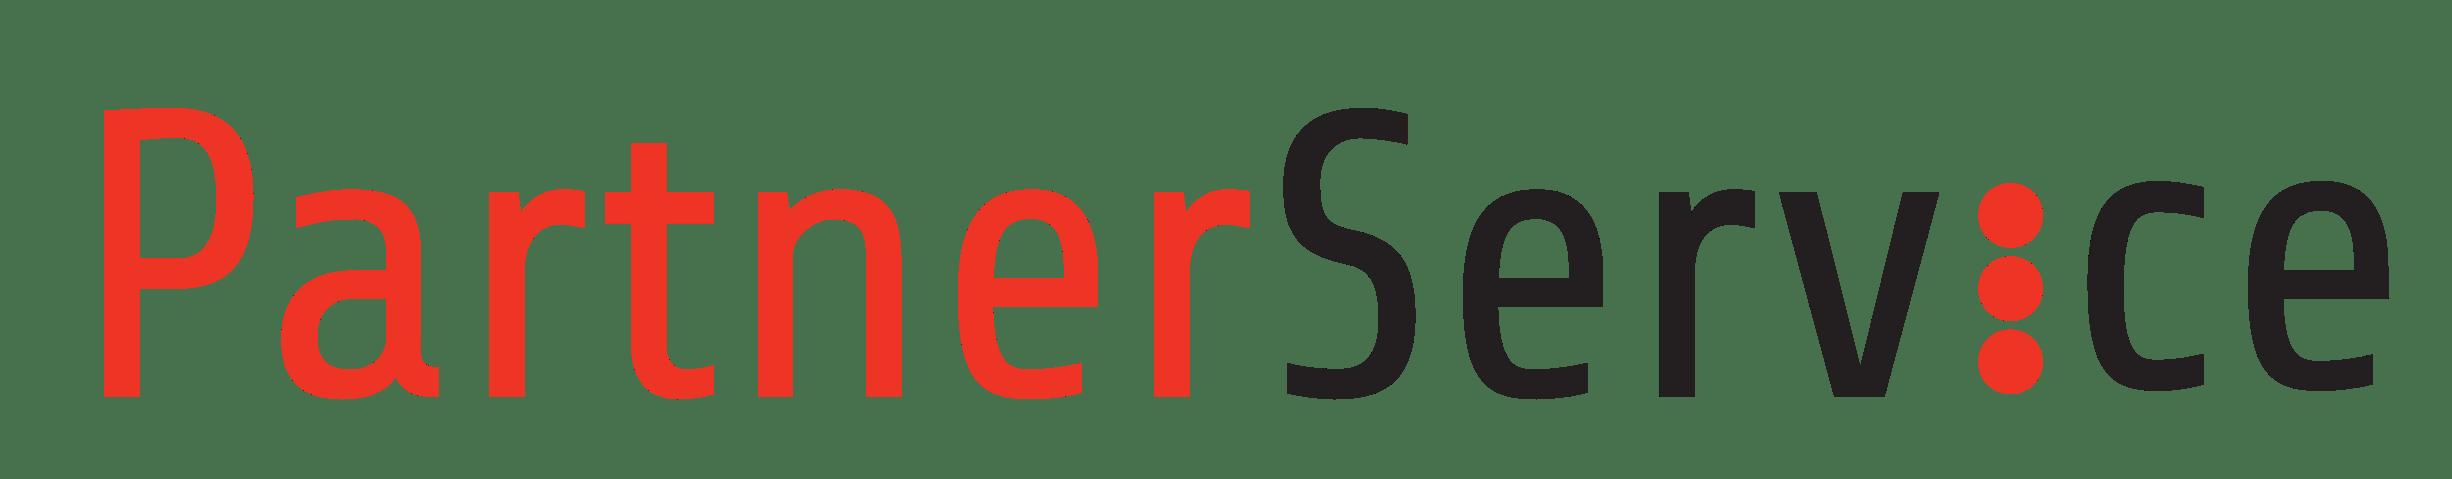 PartnerService company logo